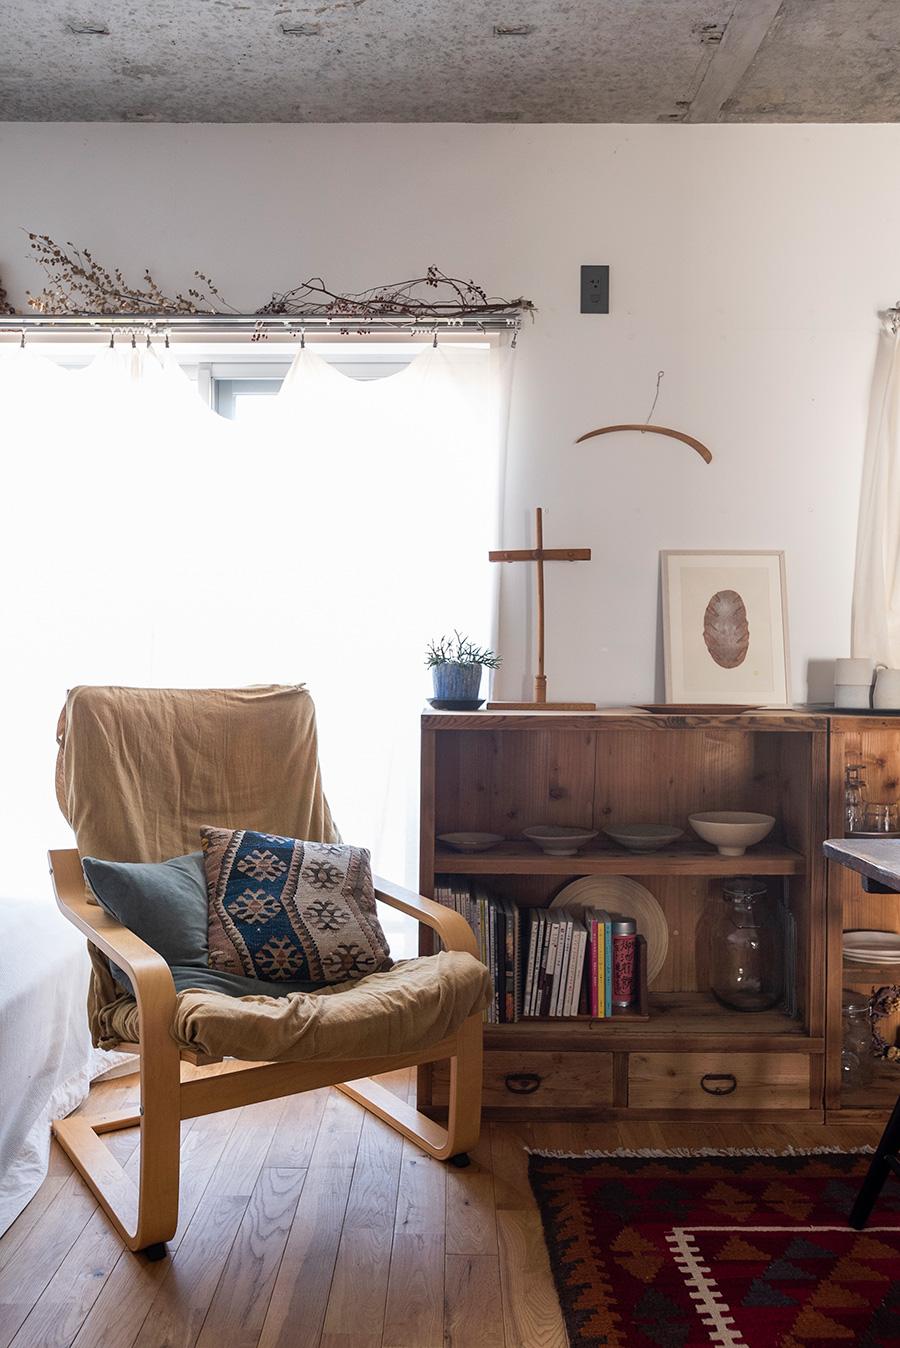 古家具を活かしたディスプレイが素敵。キャビネットの上には、理科実験道具、彦坂木版工房の原画などを飾る。